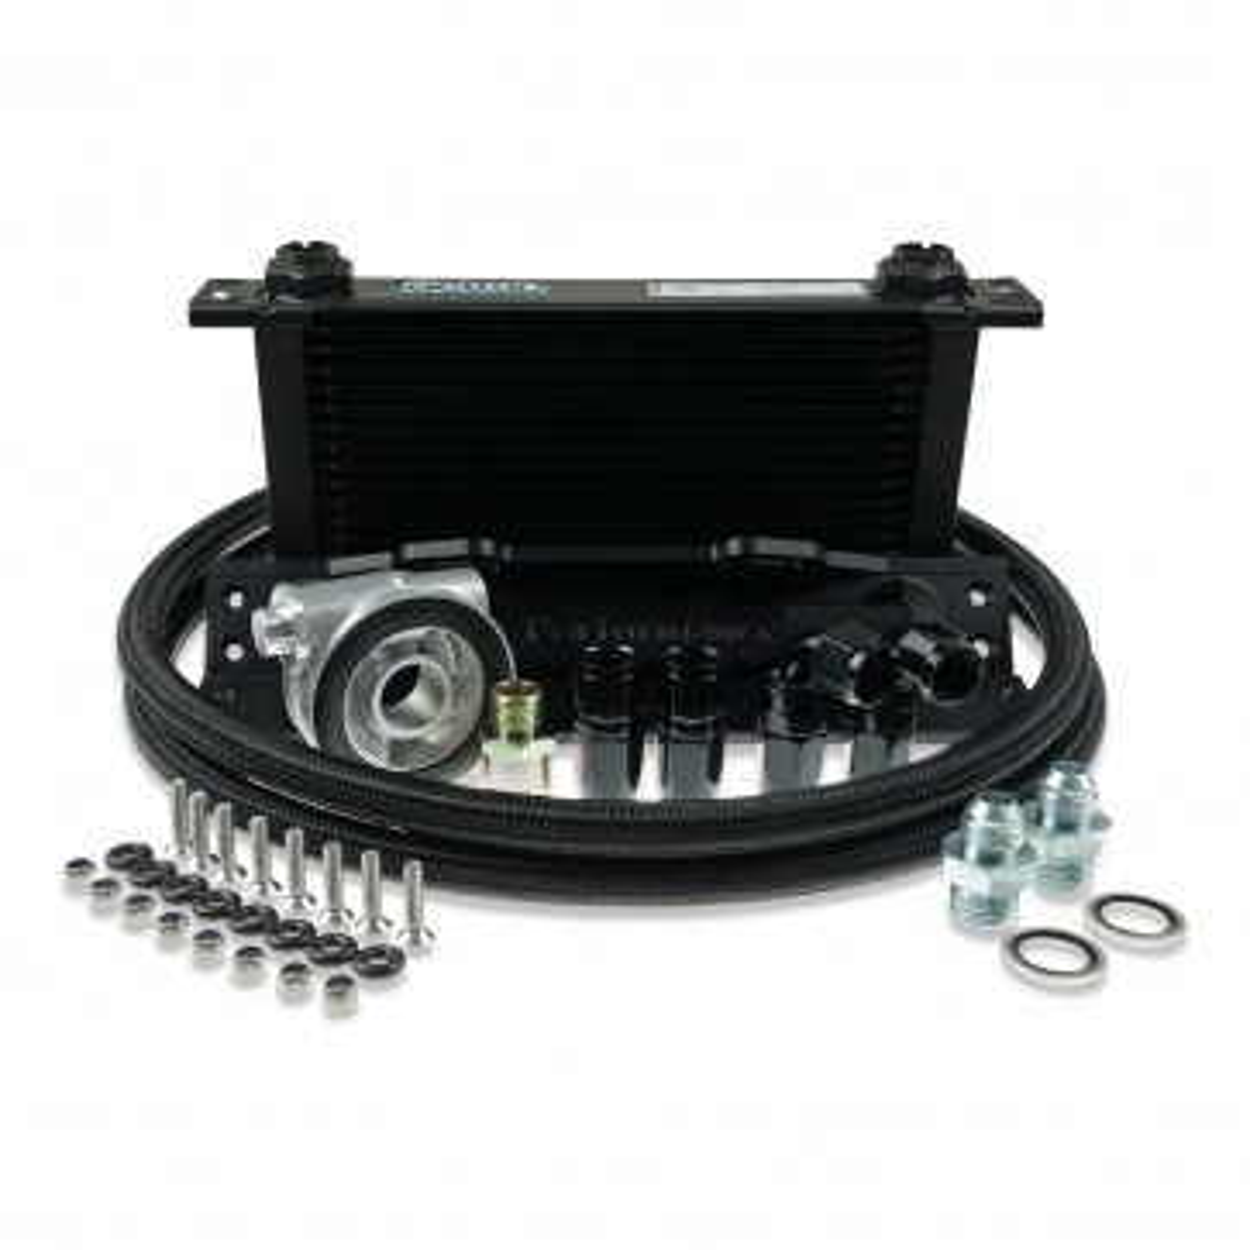 Oil Cooler Kit - Mitsubishi - Lancer Evo 1, 2, 3, 4, 5, 6, 7, 8, 9, 10